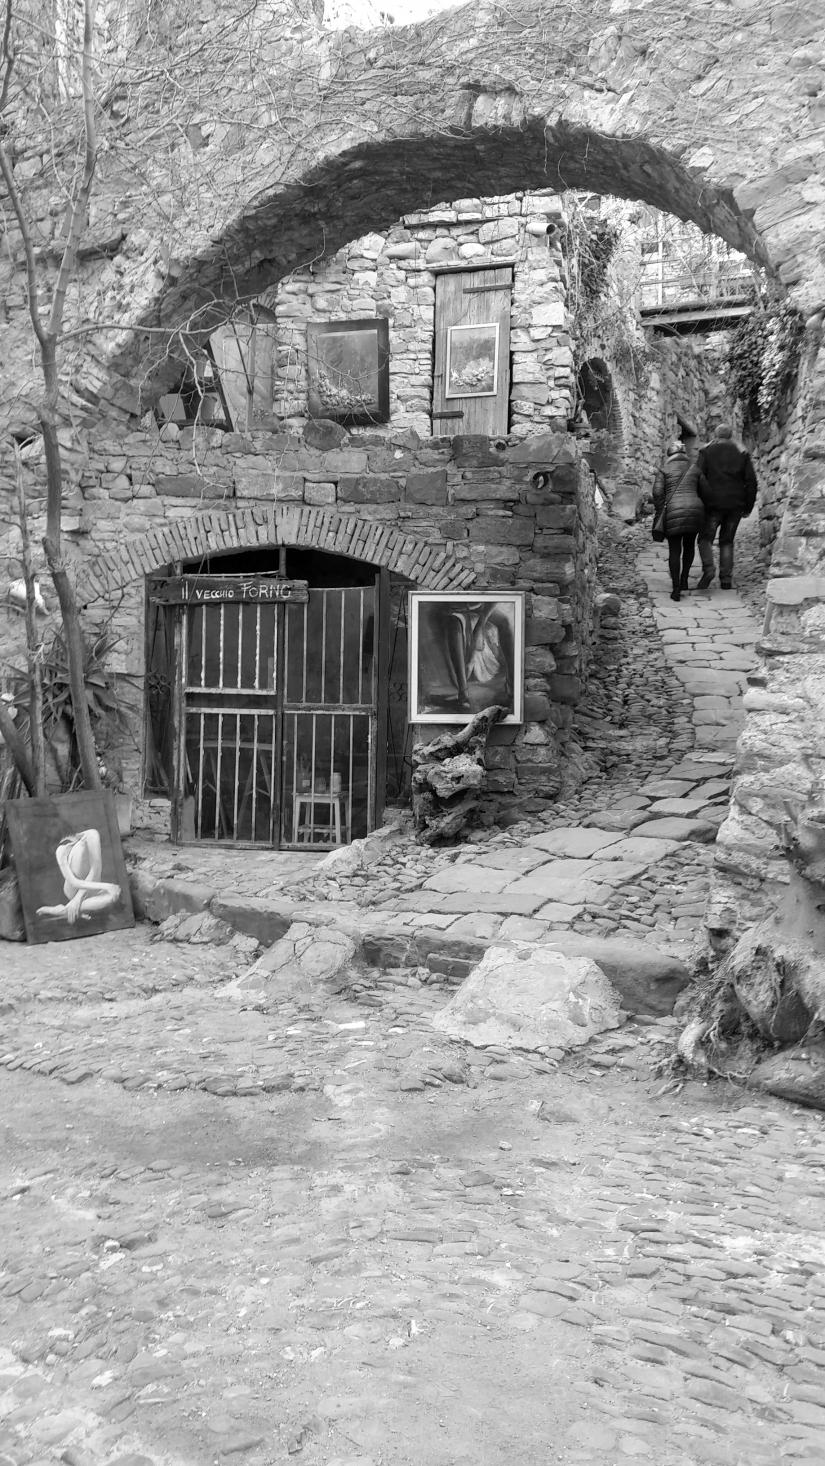 Borghi Antichi - Bussana Vecchia